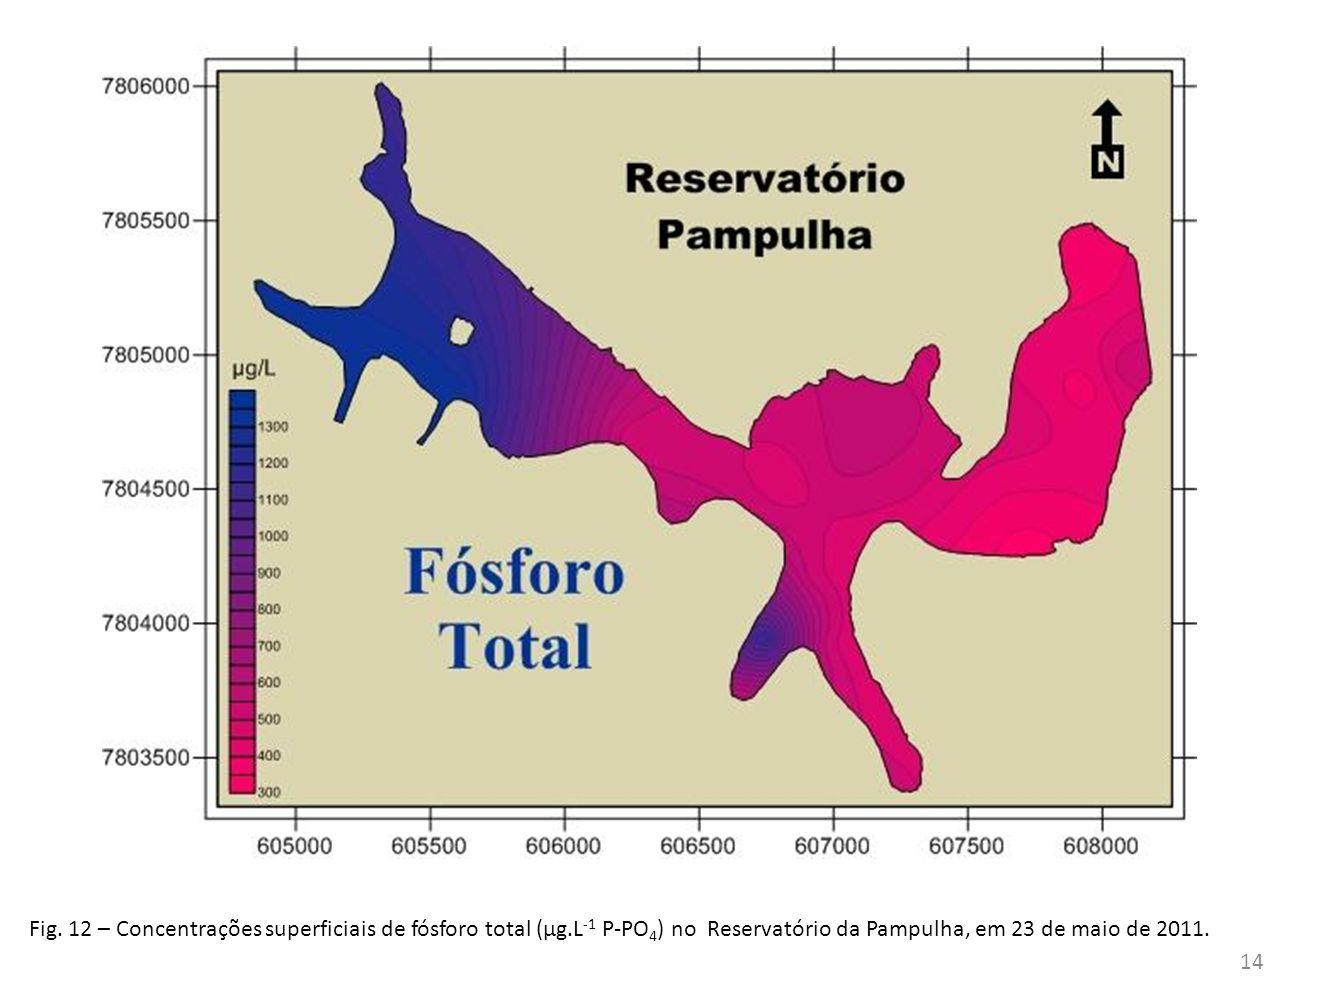 Fig. 12 – Concentrações superficiais de fósforo total (µg